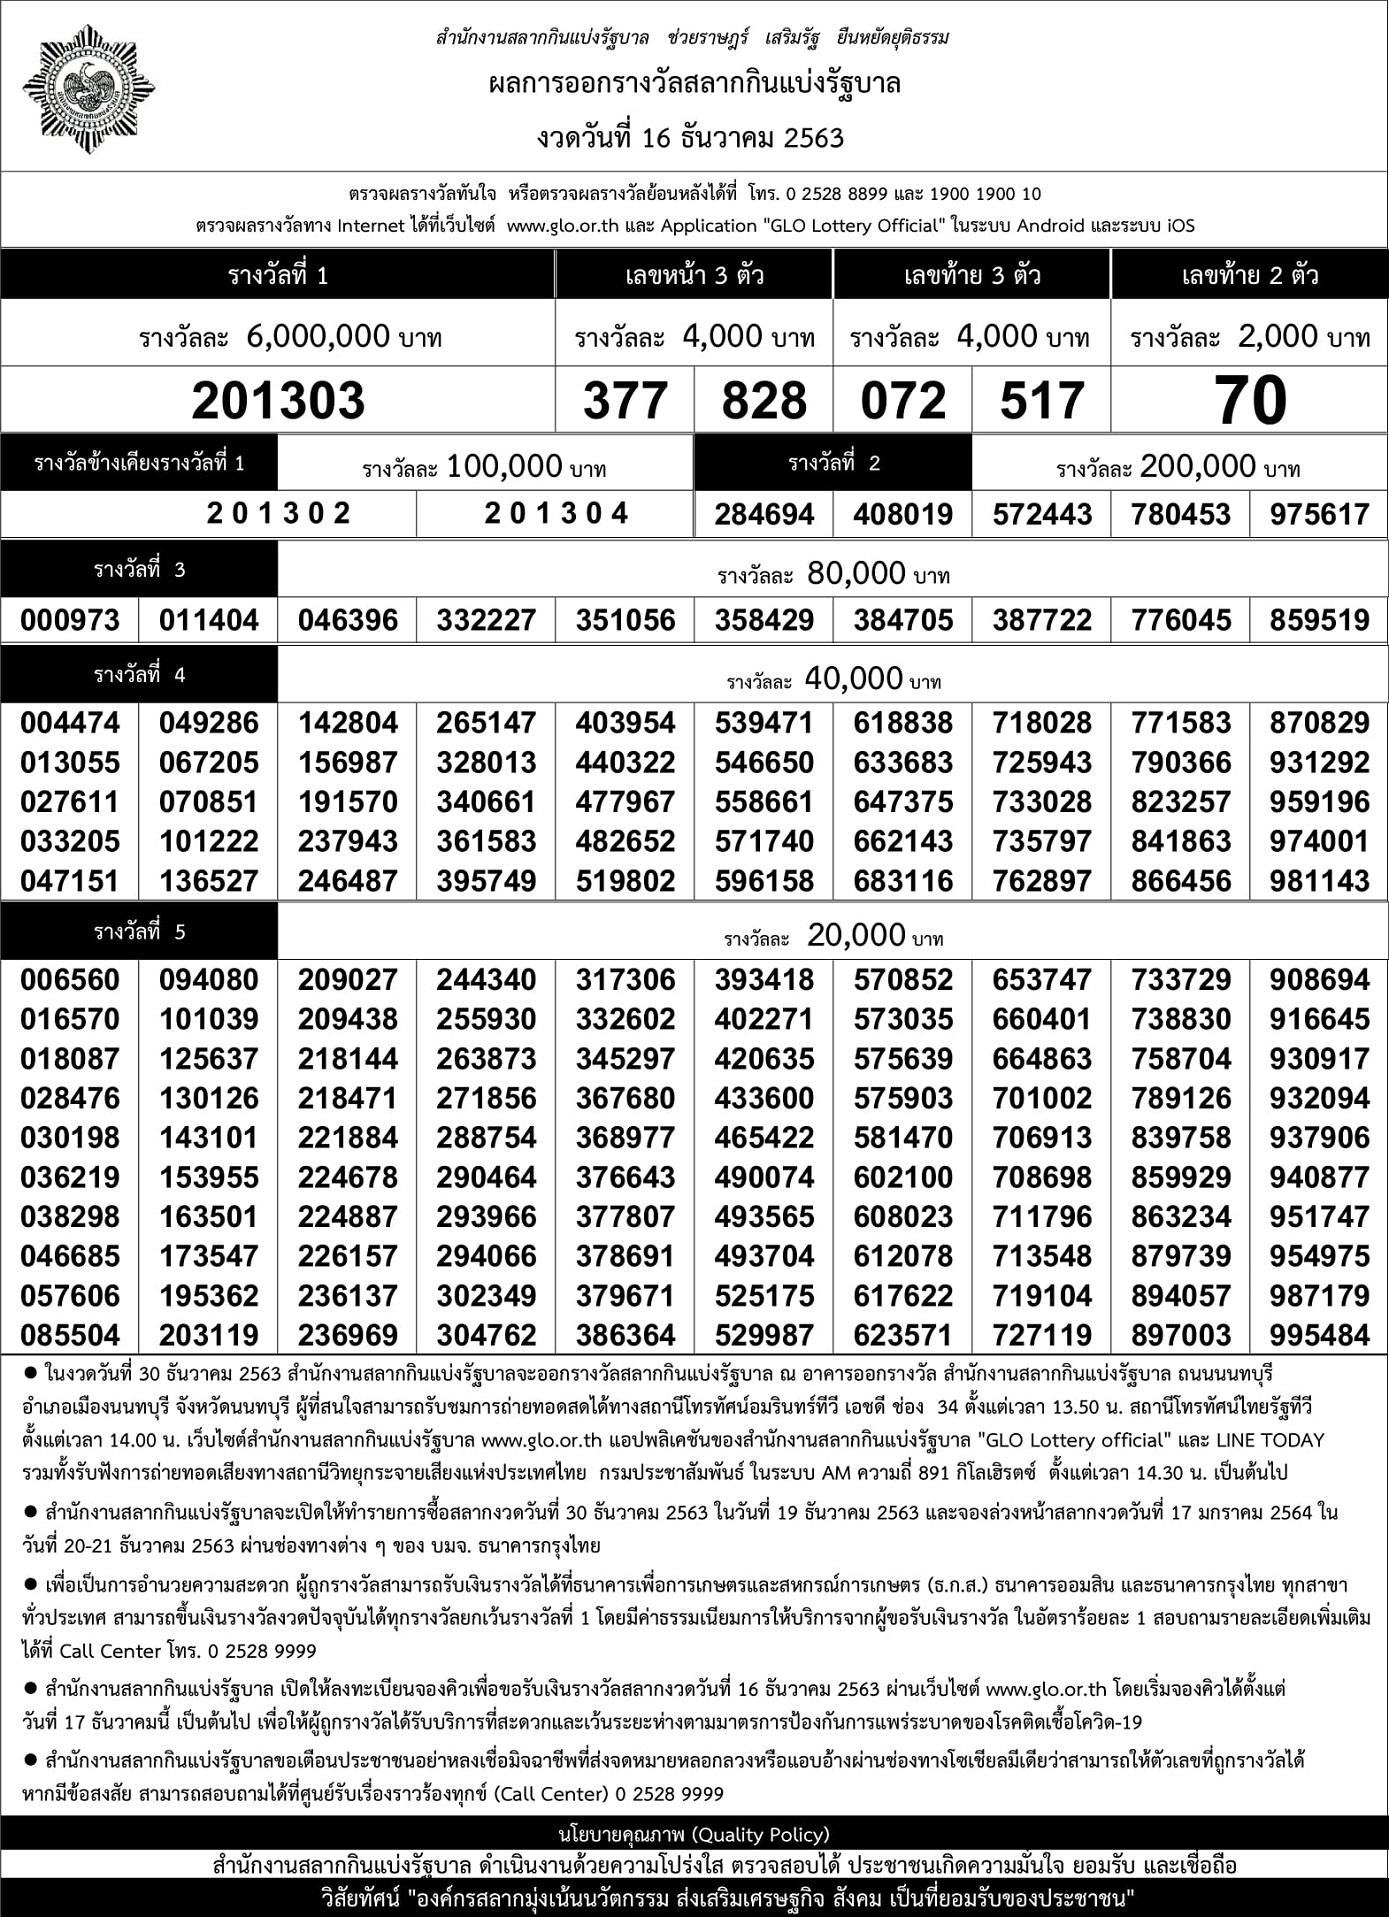 เรียงเบอร์ ใบตรวจหวยเรียงตัวเลข เรียงเบอร์งวดนี้ 16/12/63 เรียงเบอร์ ล่าสุด